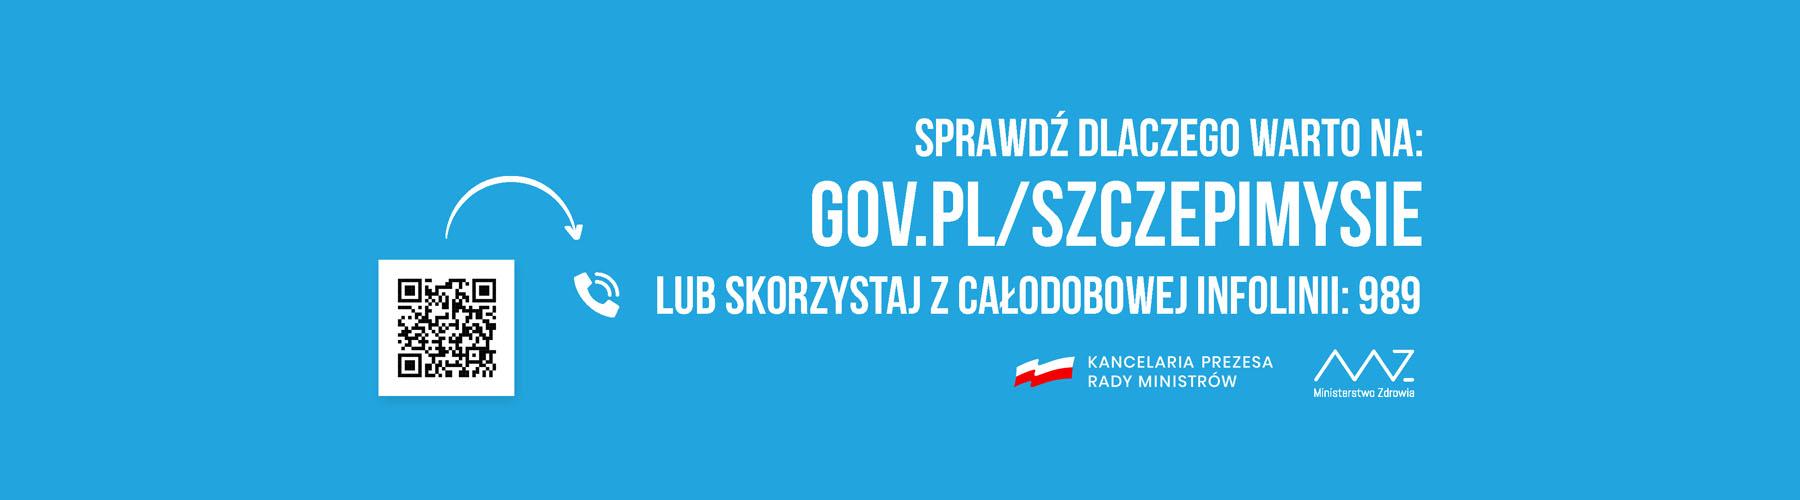 Covid-szczepienia-3